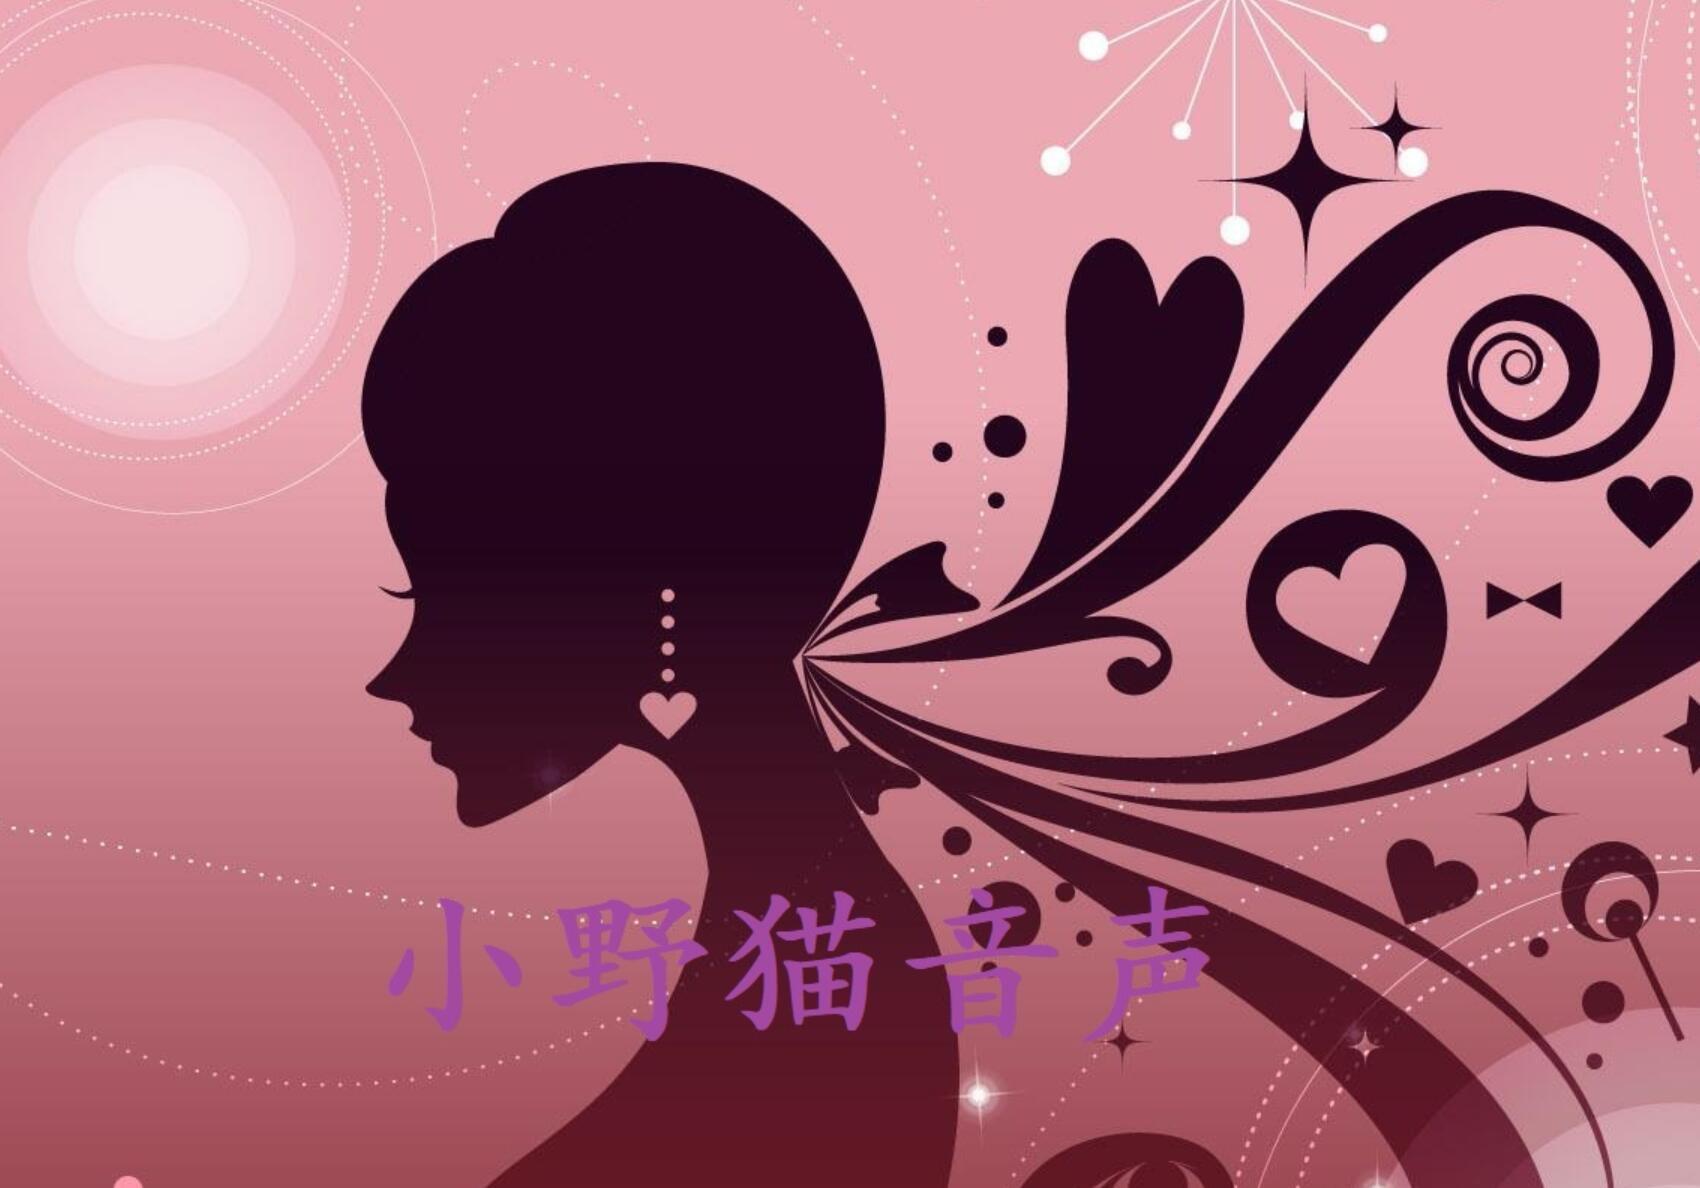 小野猫音声 征服职场女强人  CV青梅